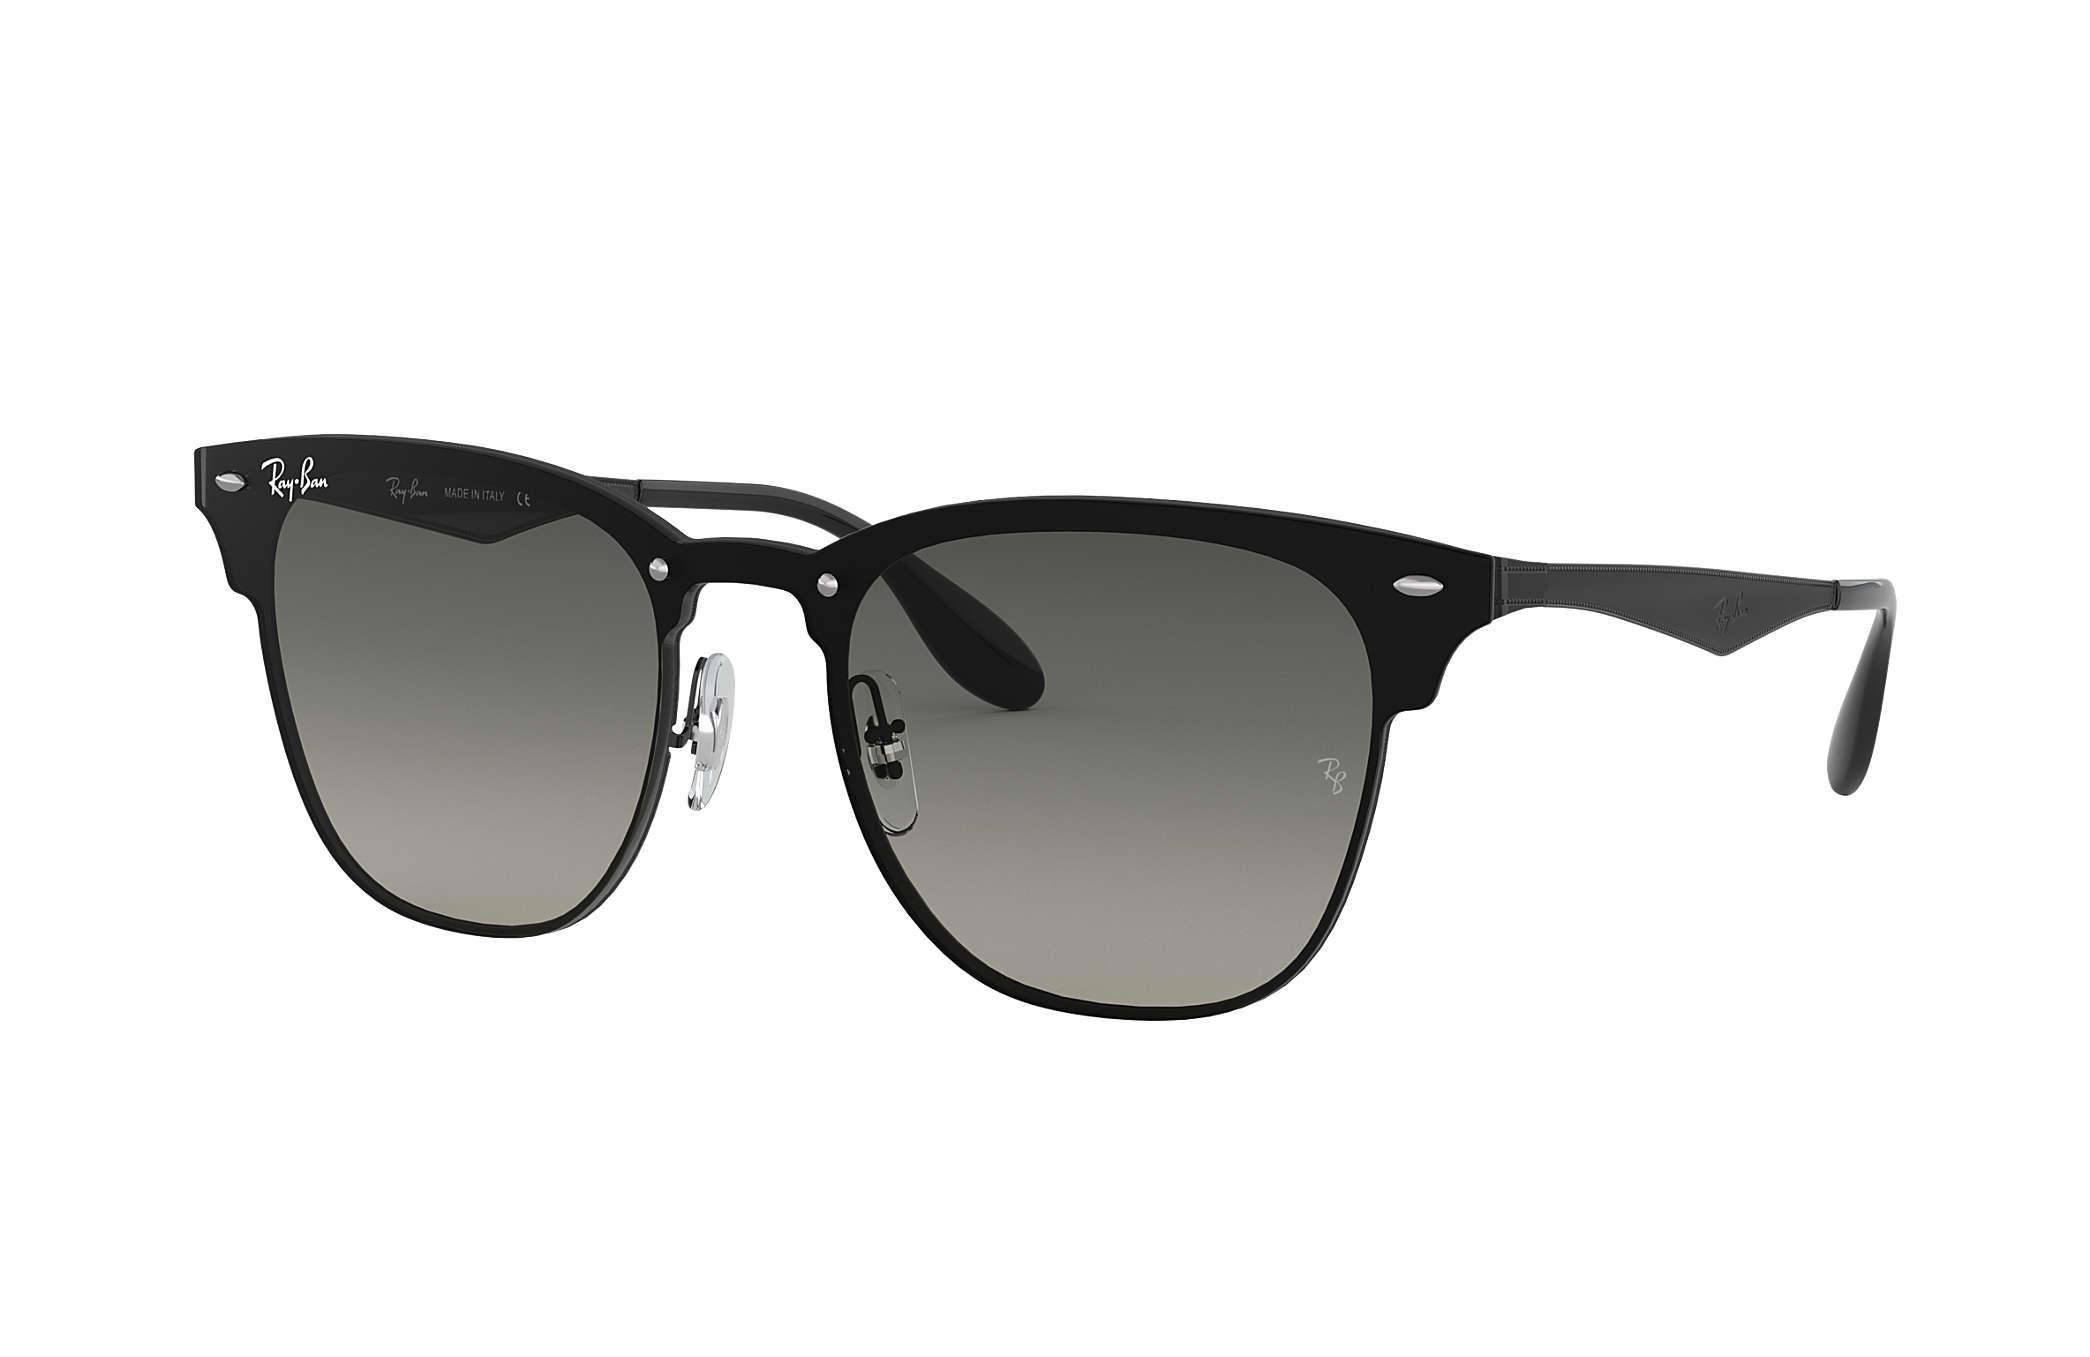 Ray Ban Herren Brillen Sonnenbrille Blaze Clubmaster, Metall, silber-grün grau